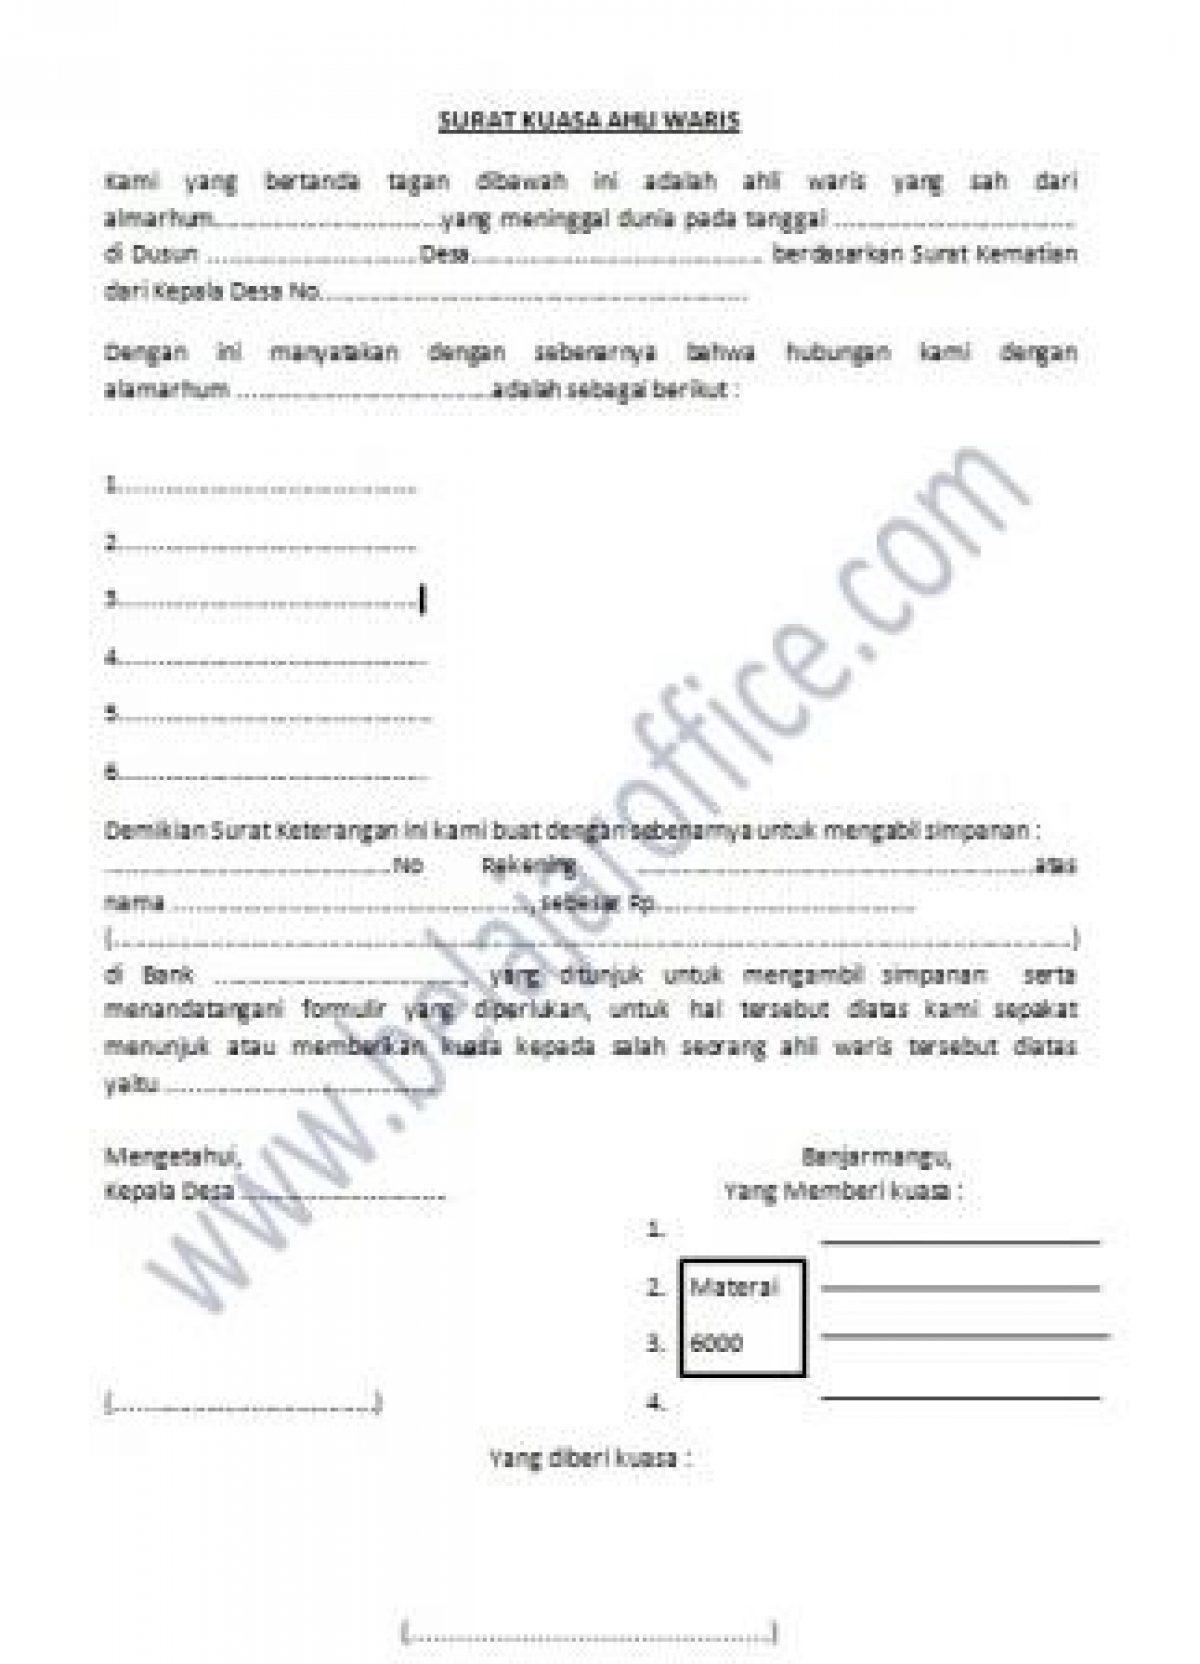 Contoh Surat Kuasa Pelunasan Kredit Bank - Download ...